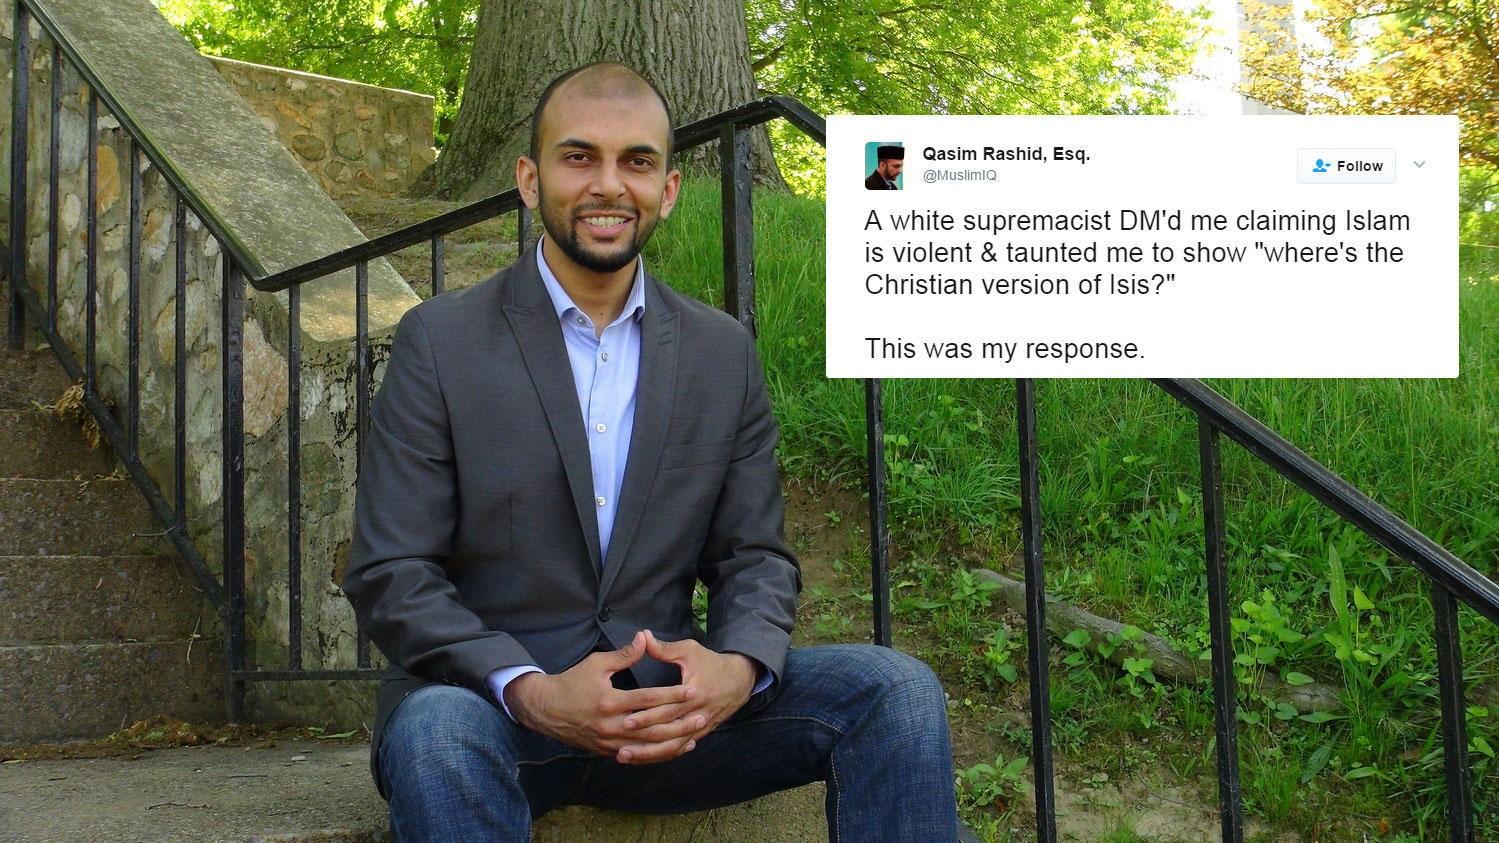 Den muslimske advokaten, forfatteren og menneskerettsaktivisten Qasim Rashid driver twitterkontoen MuslimIQ med i underkant av 60.000 følgere.